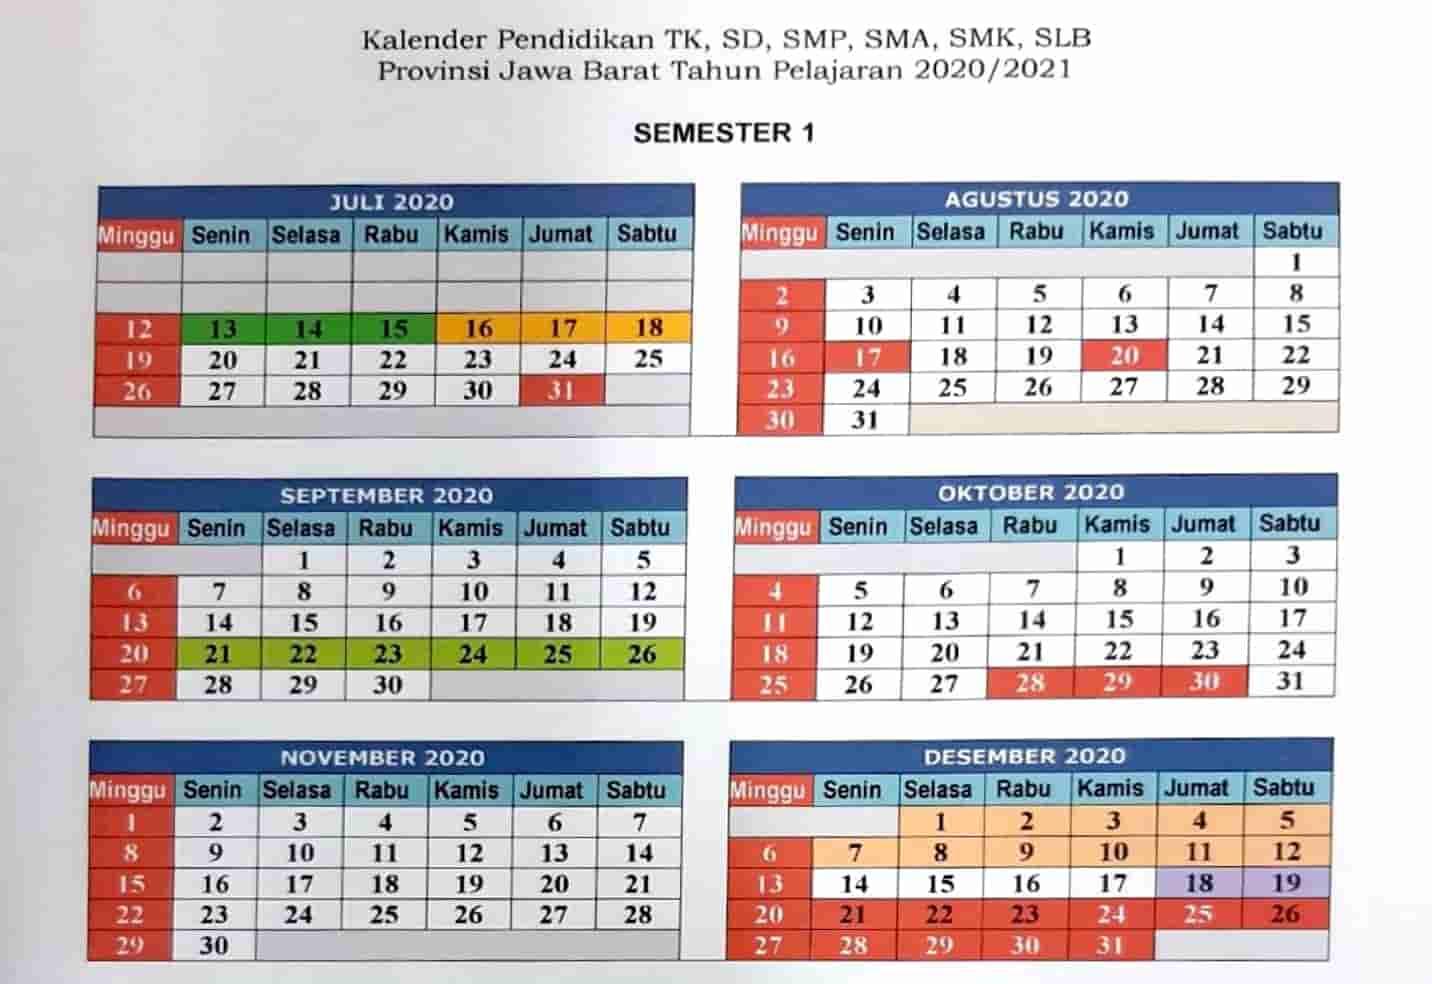 Kalender Pendidikan 2020 Jawa Barat